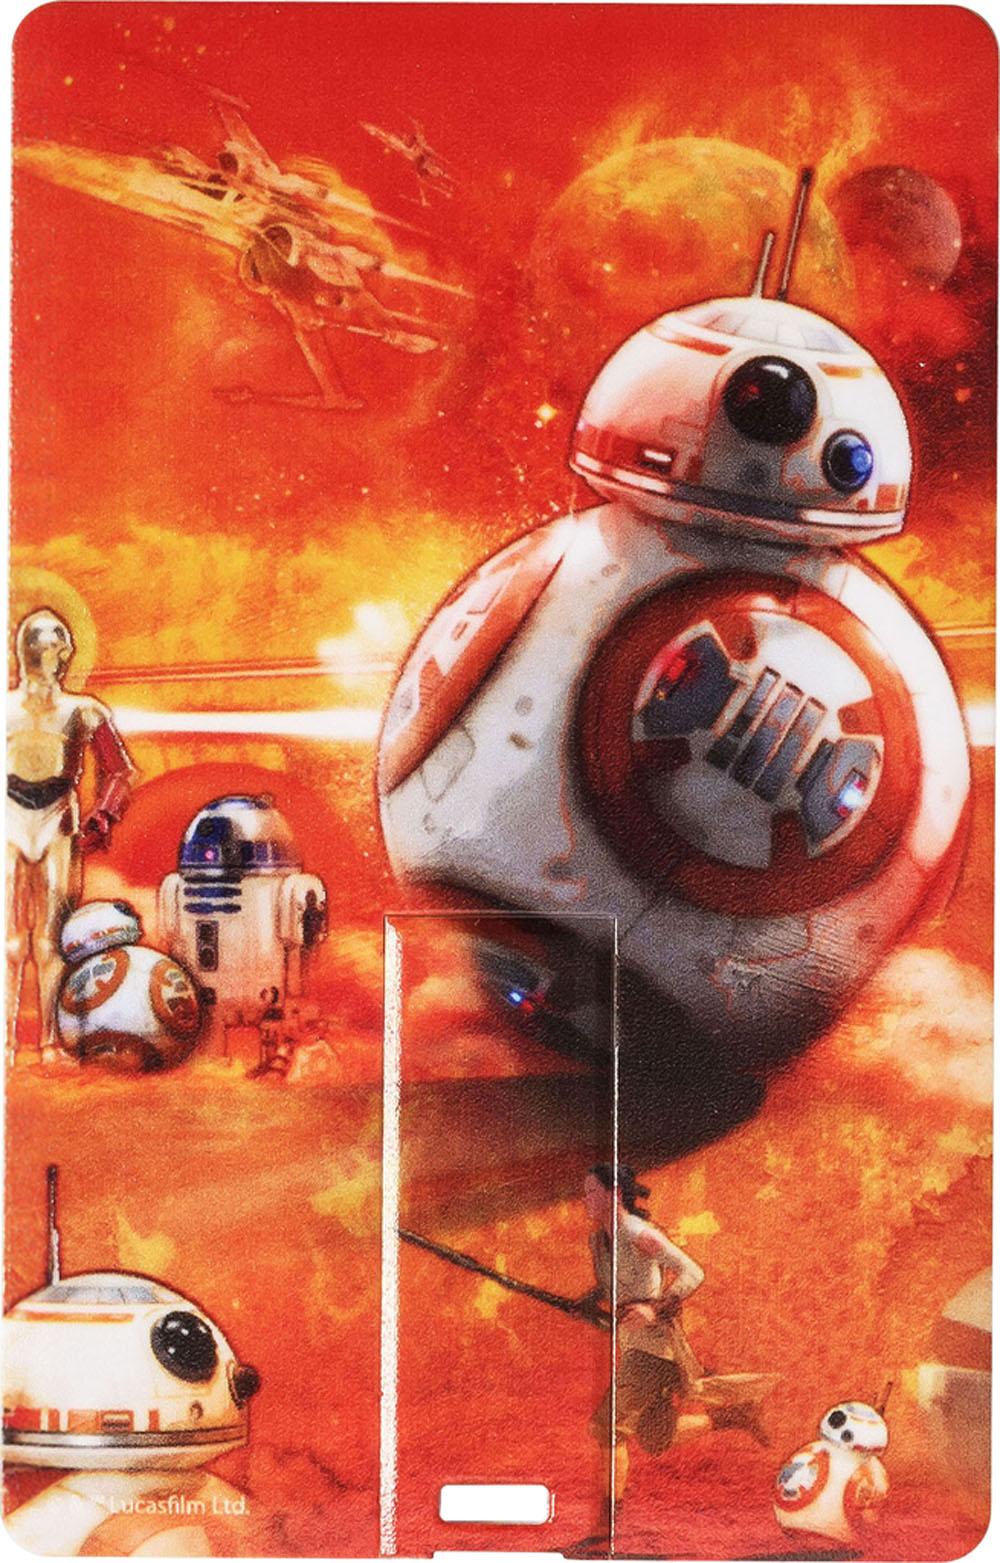 STAR WARS - THE FORCE AWAKENS - BB-8 - CARD USB 8GB